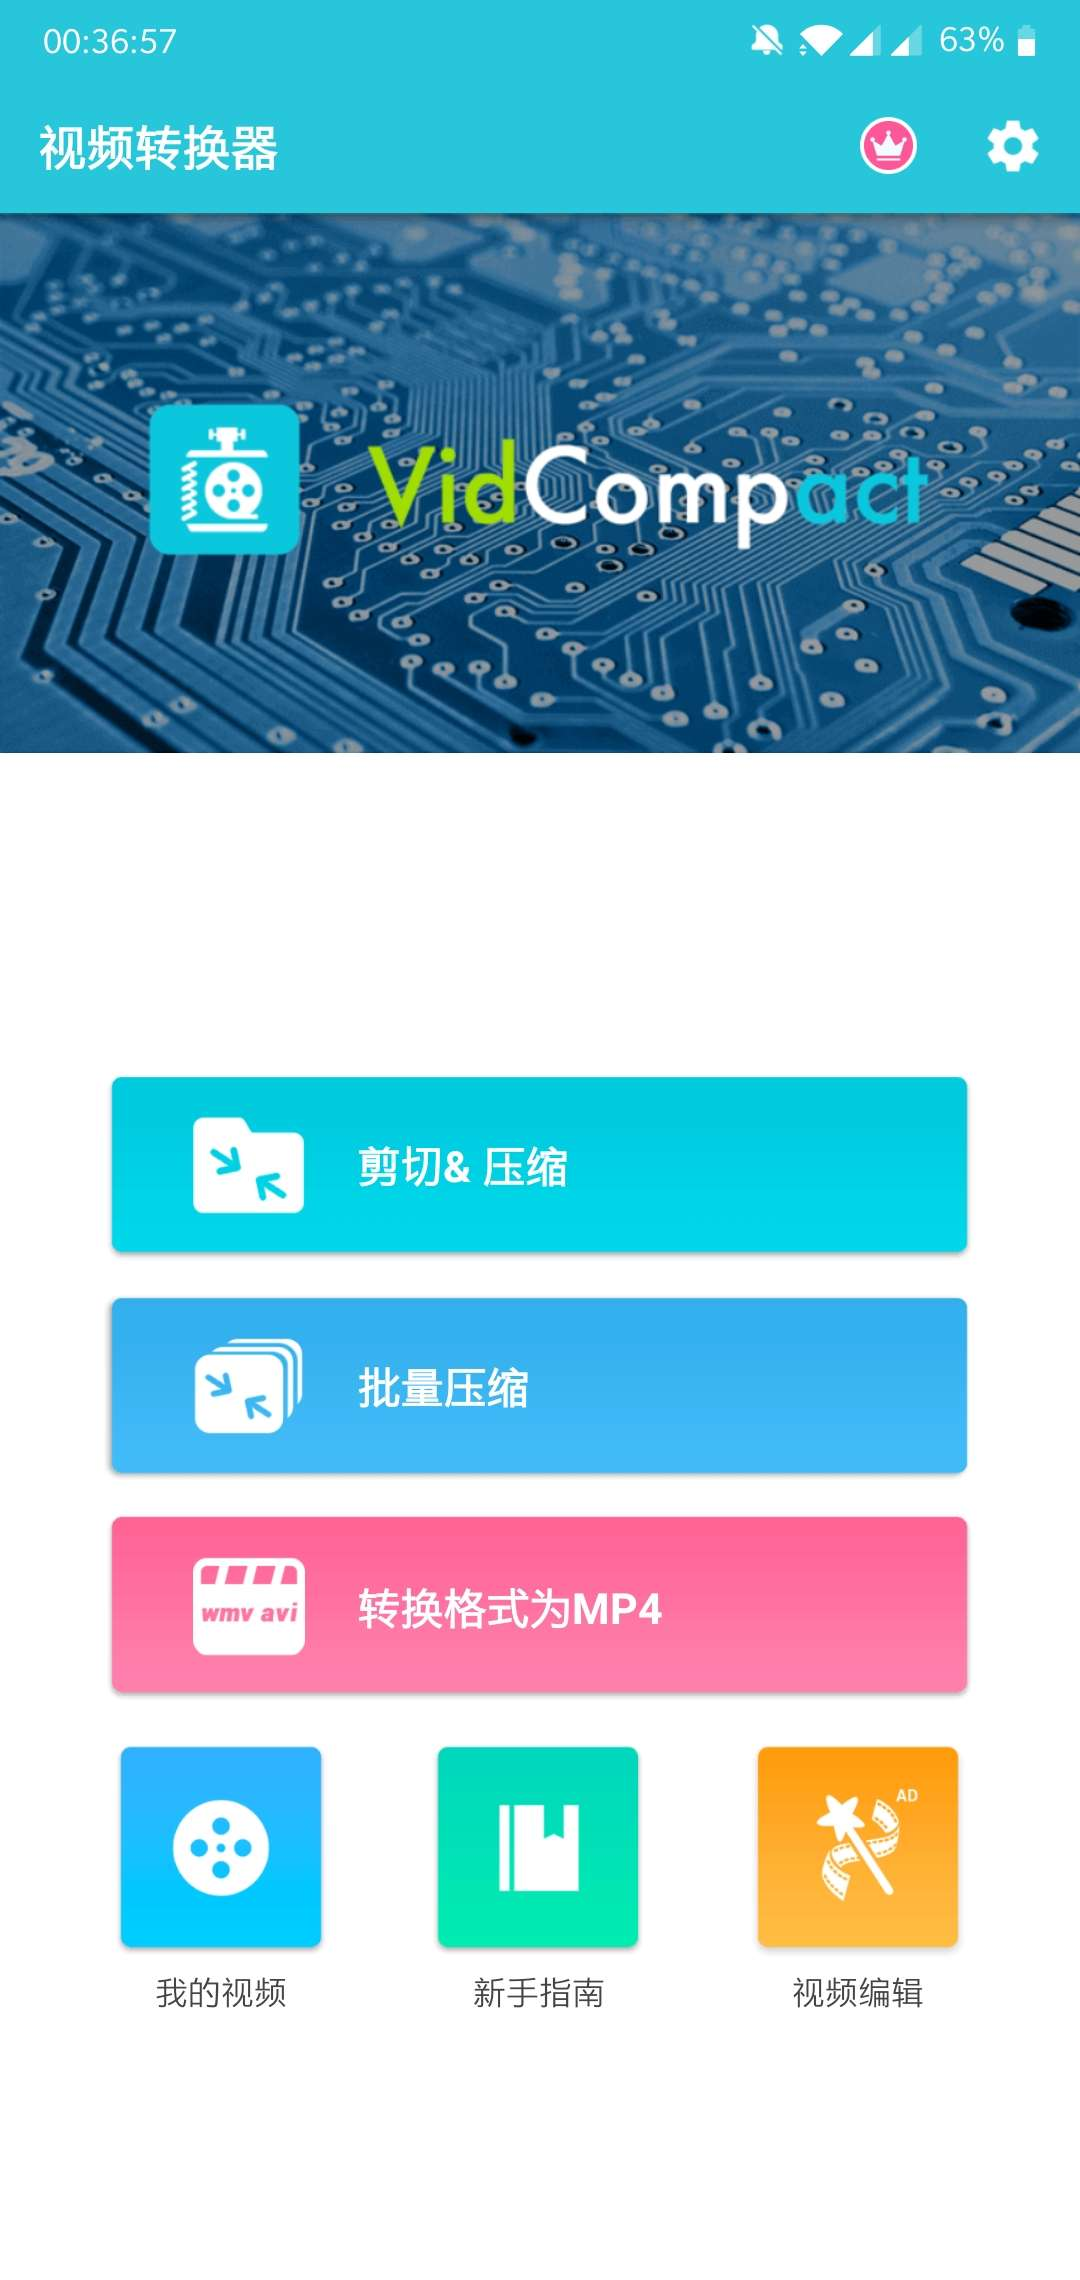 【安卓软件】视频转换器v3.3.0已解锁会员特权